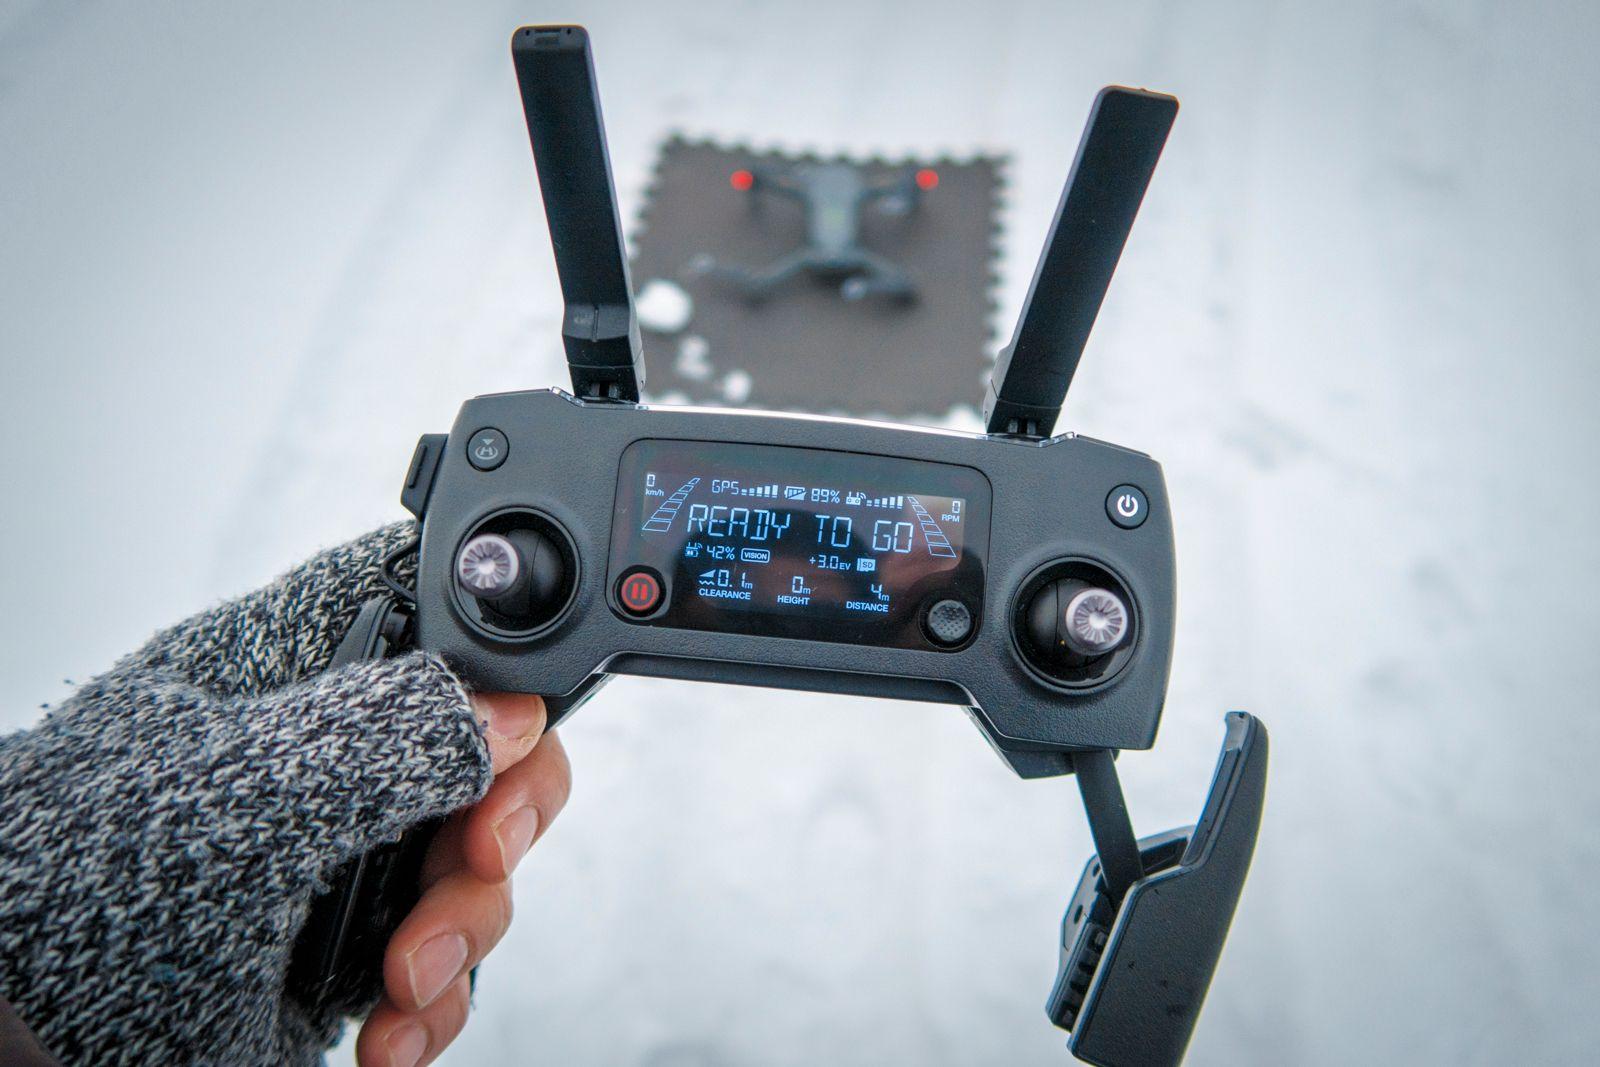 Det går fint an å fly dronen uten mobiltelefon/nettbrett, men det er vanskelig å filme på den måten.